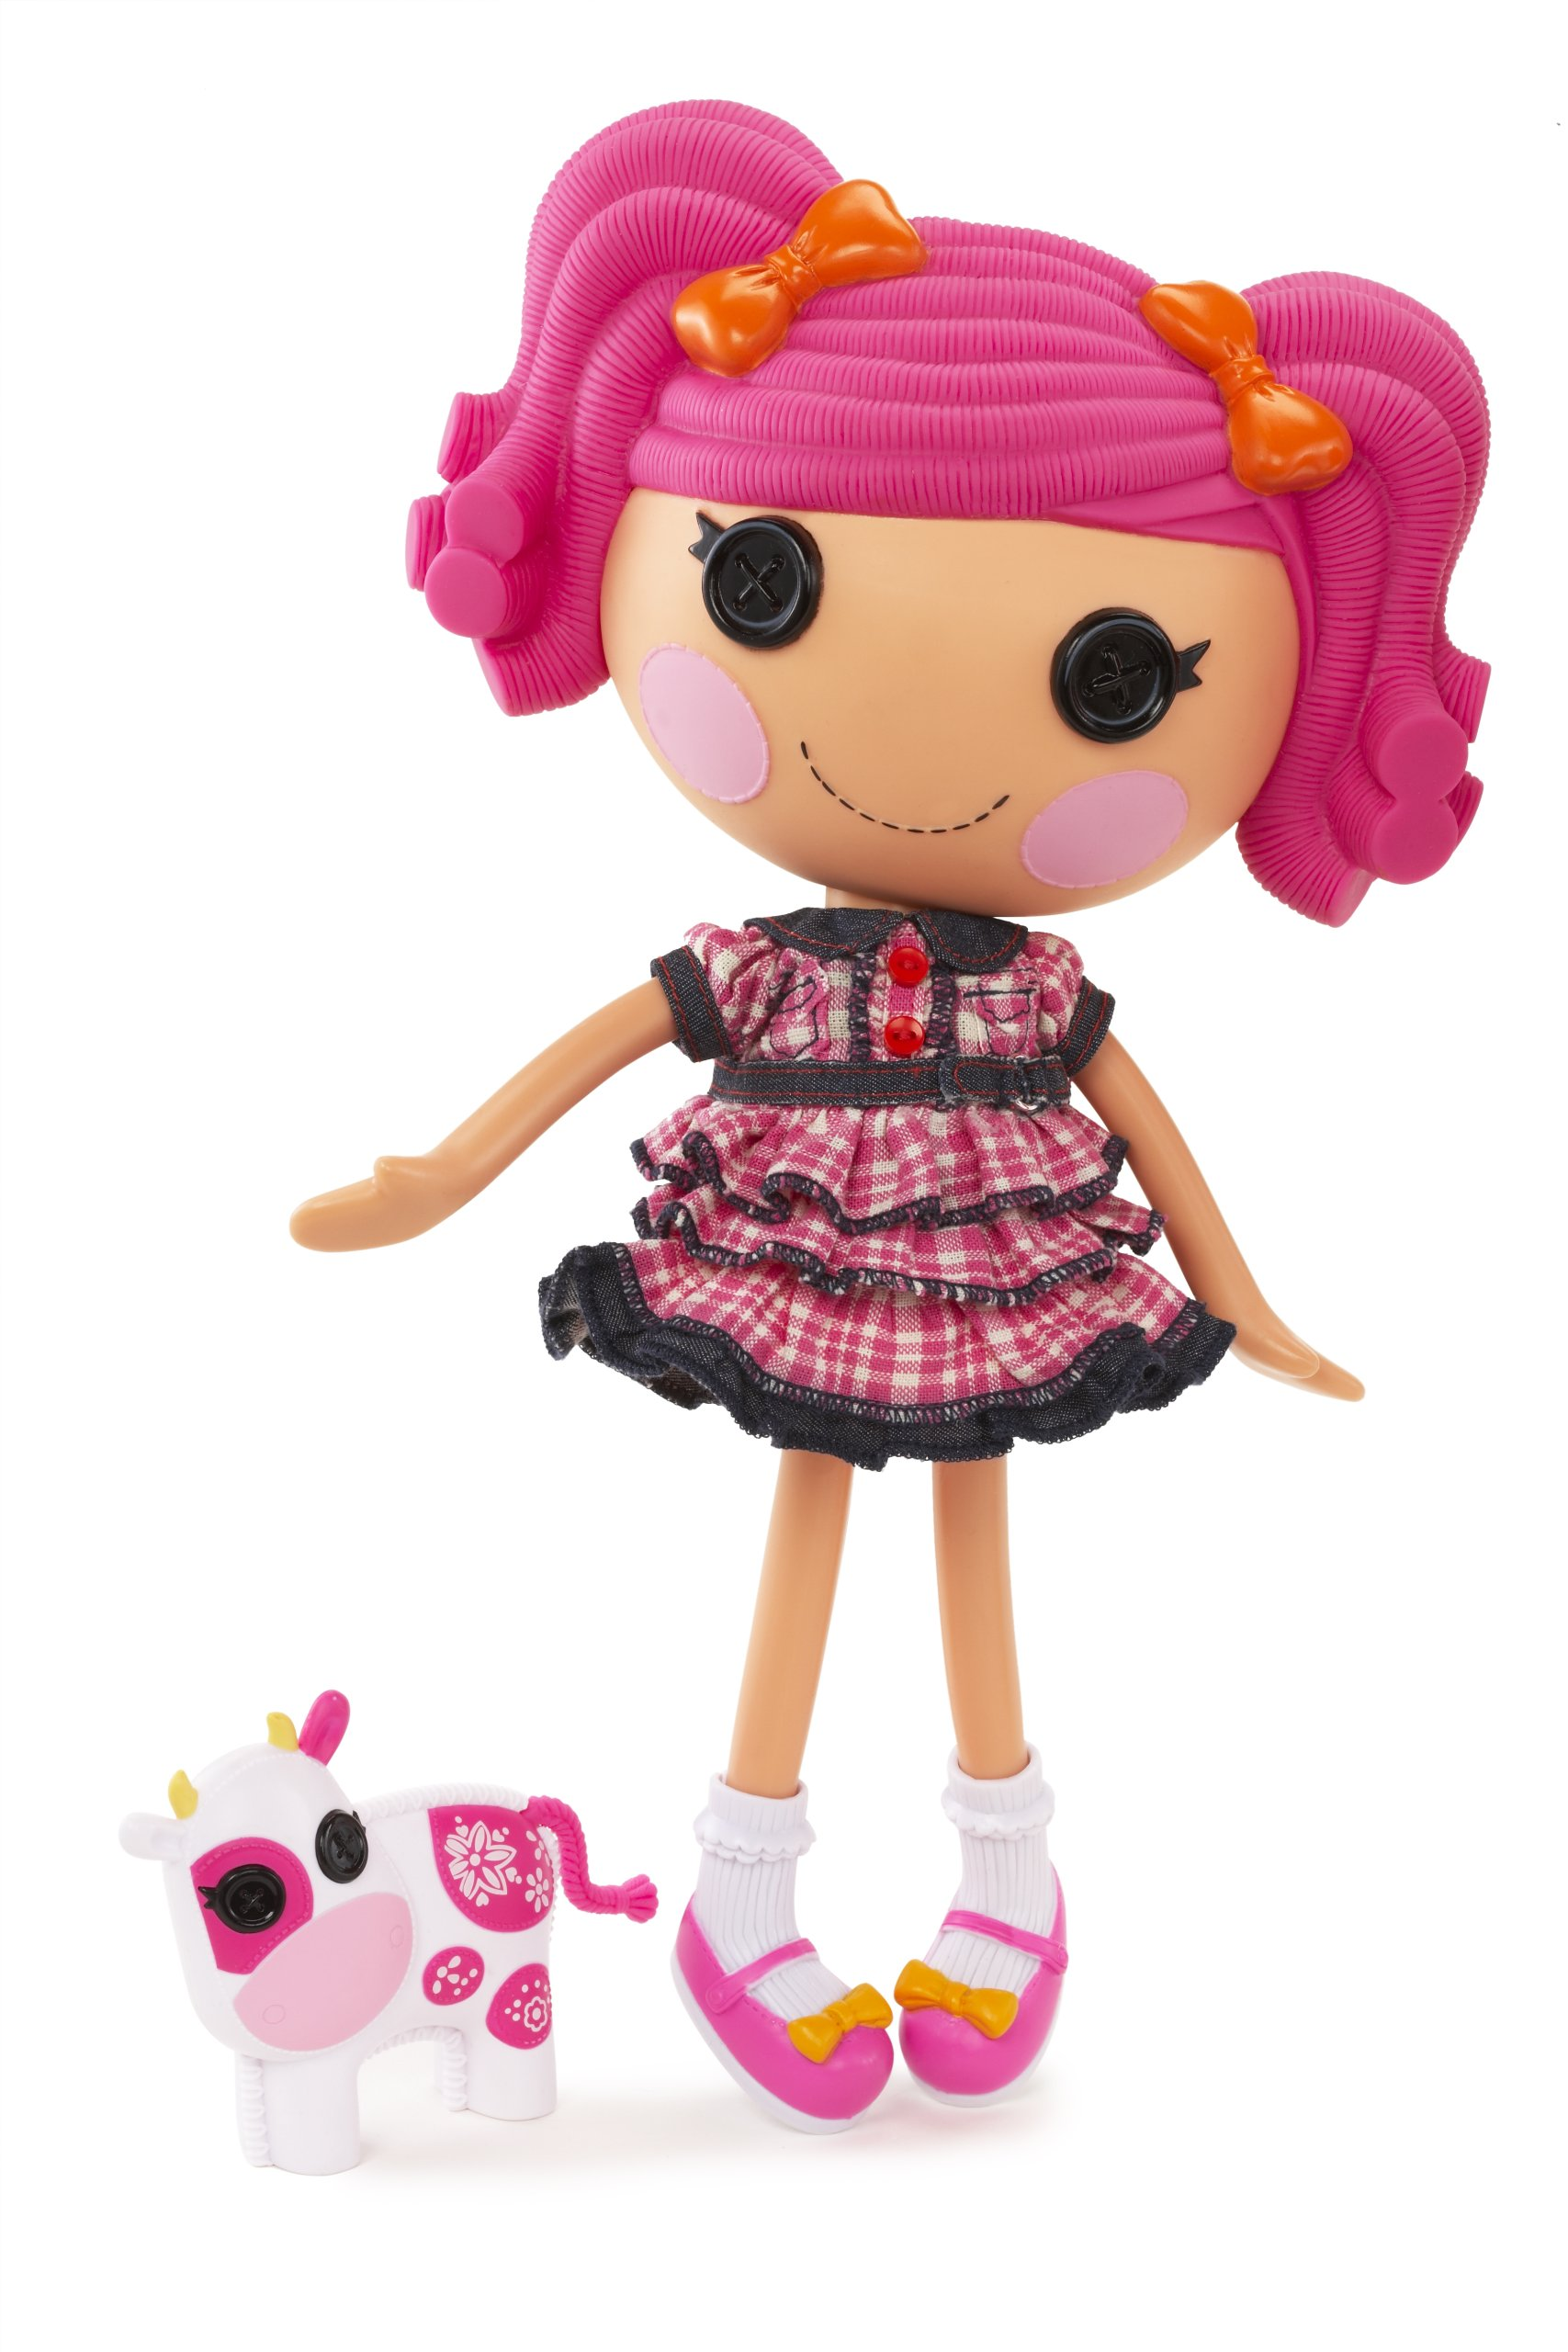 MGA Lalaloopsy Doll Berry Jars 'N' Jam